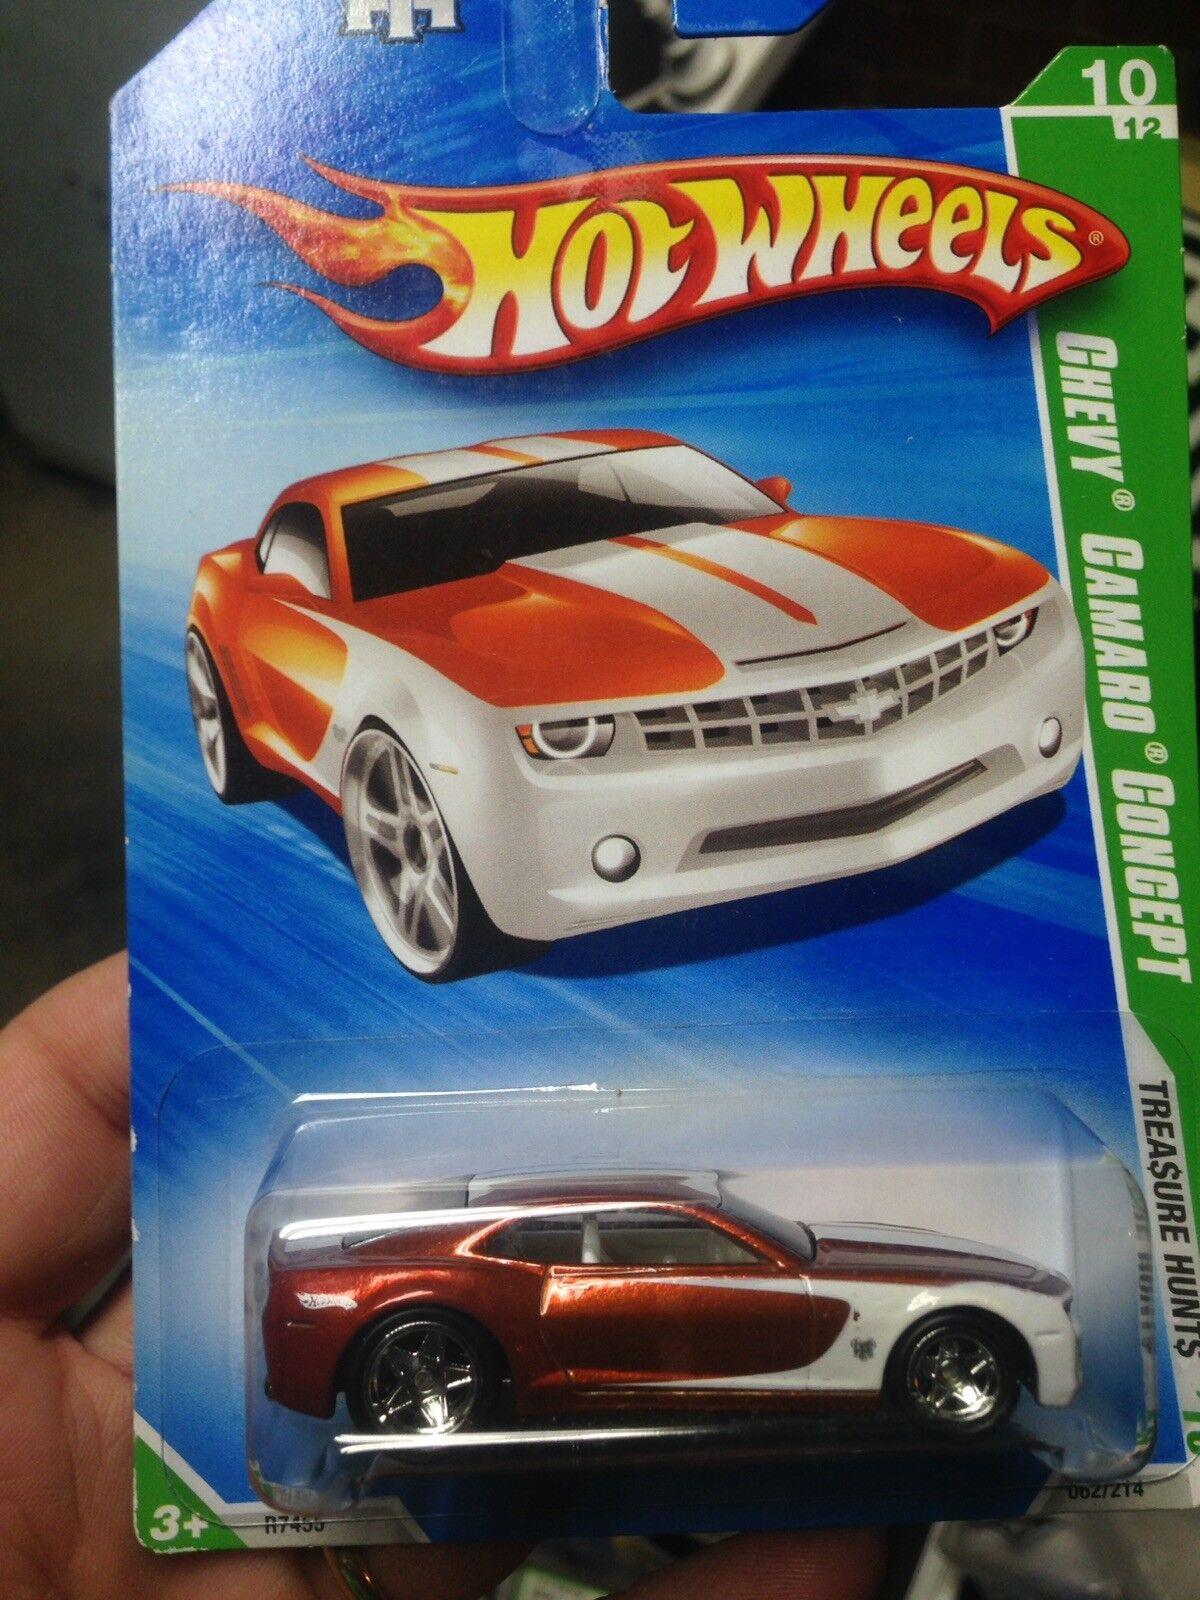 2010 Hotwheels Chevy Chevy Chevy Camaro Concept-Súper búsqueda del tesoro NUEVO a3ff54